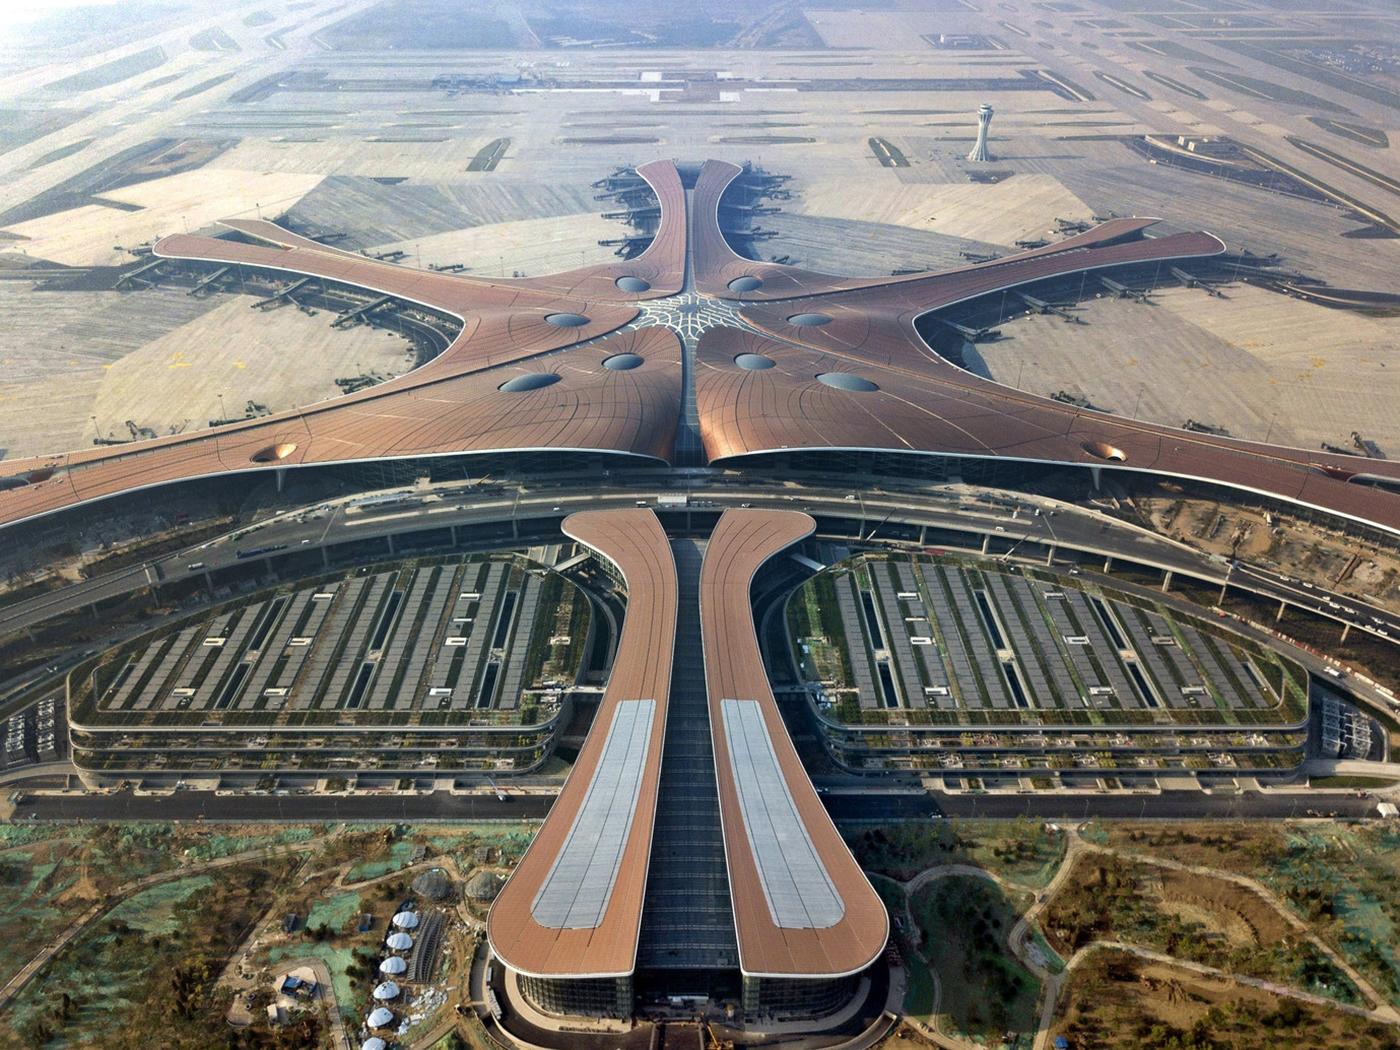 ヒトデ形とも、不死鳥形とも呼ばれる北京大興国際空港ターミナルを上空から見下ろす。北京中心部から南に約46km離れた場所に位置する(写真:Xinhua News Agency)